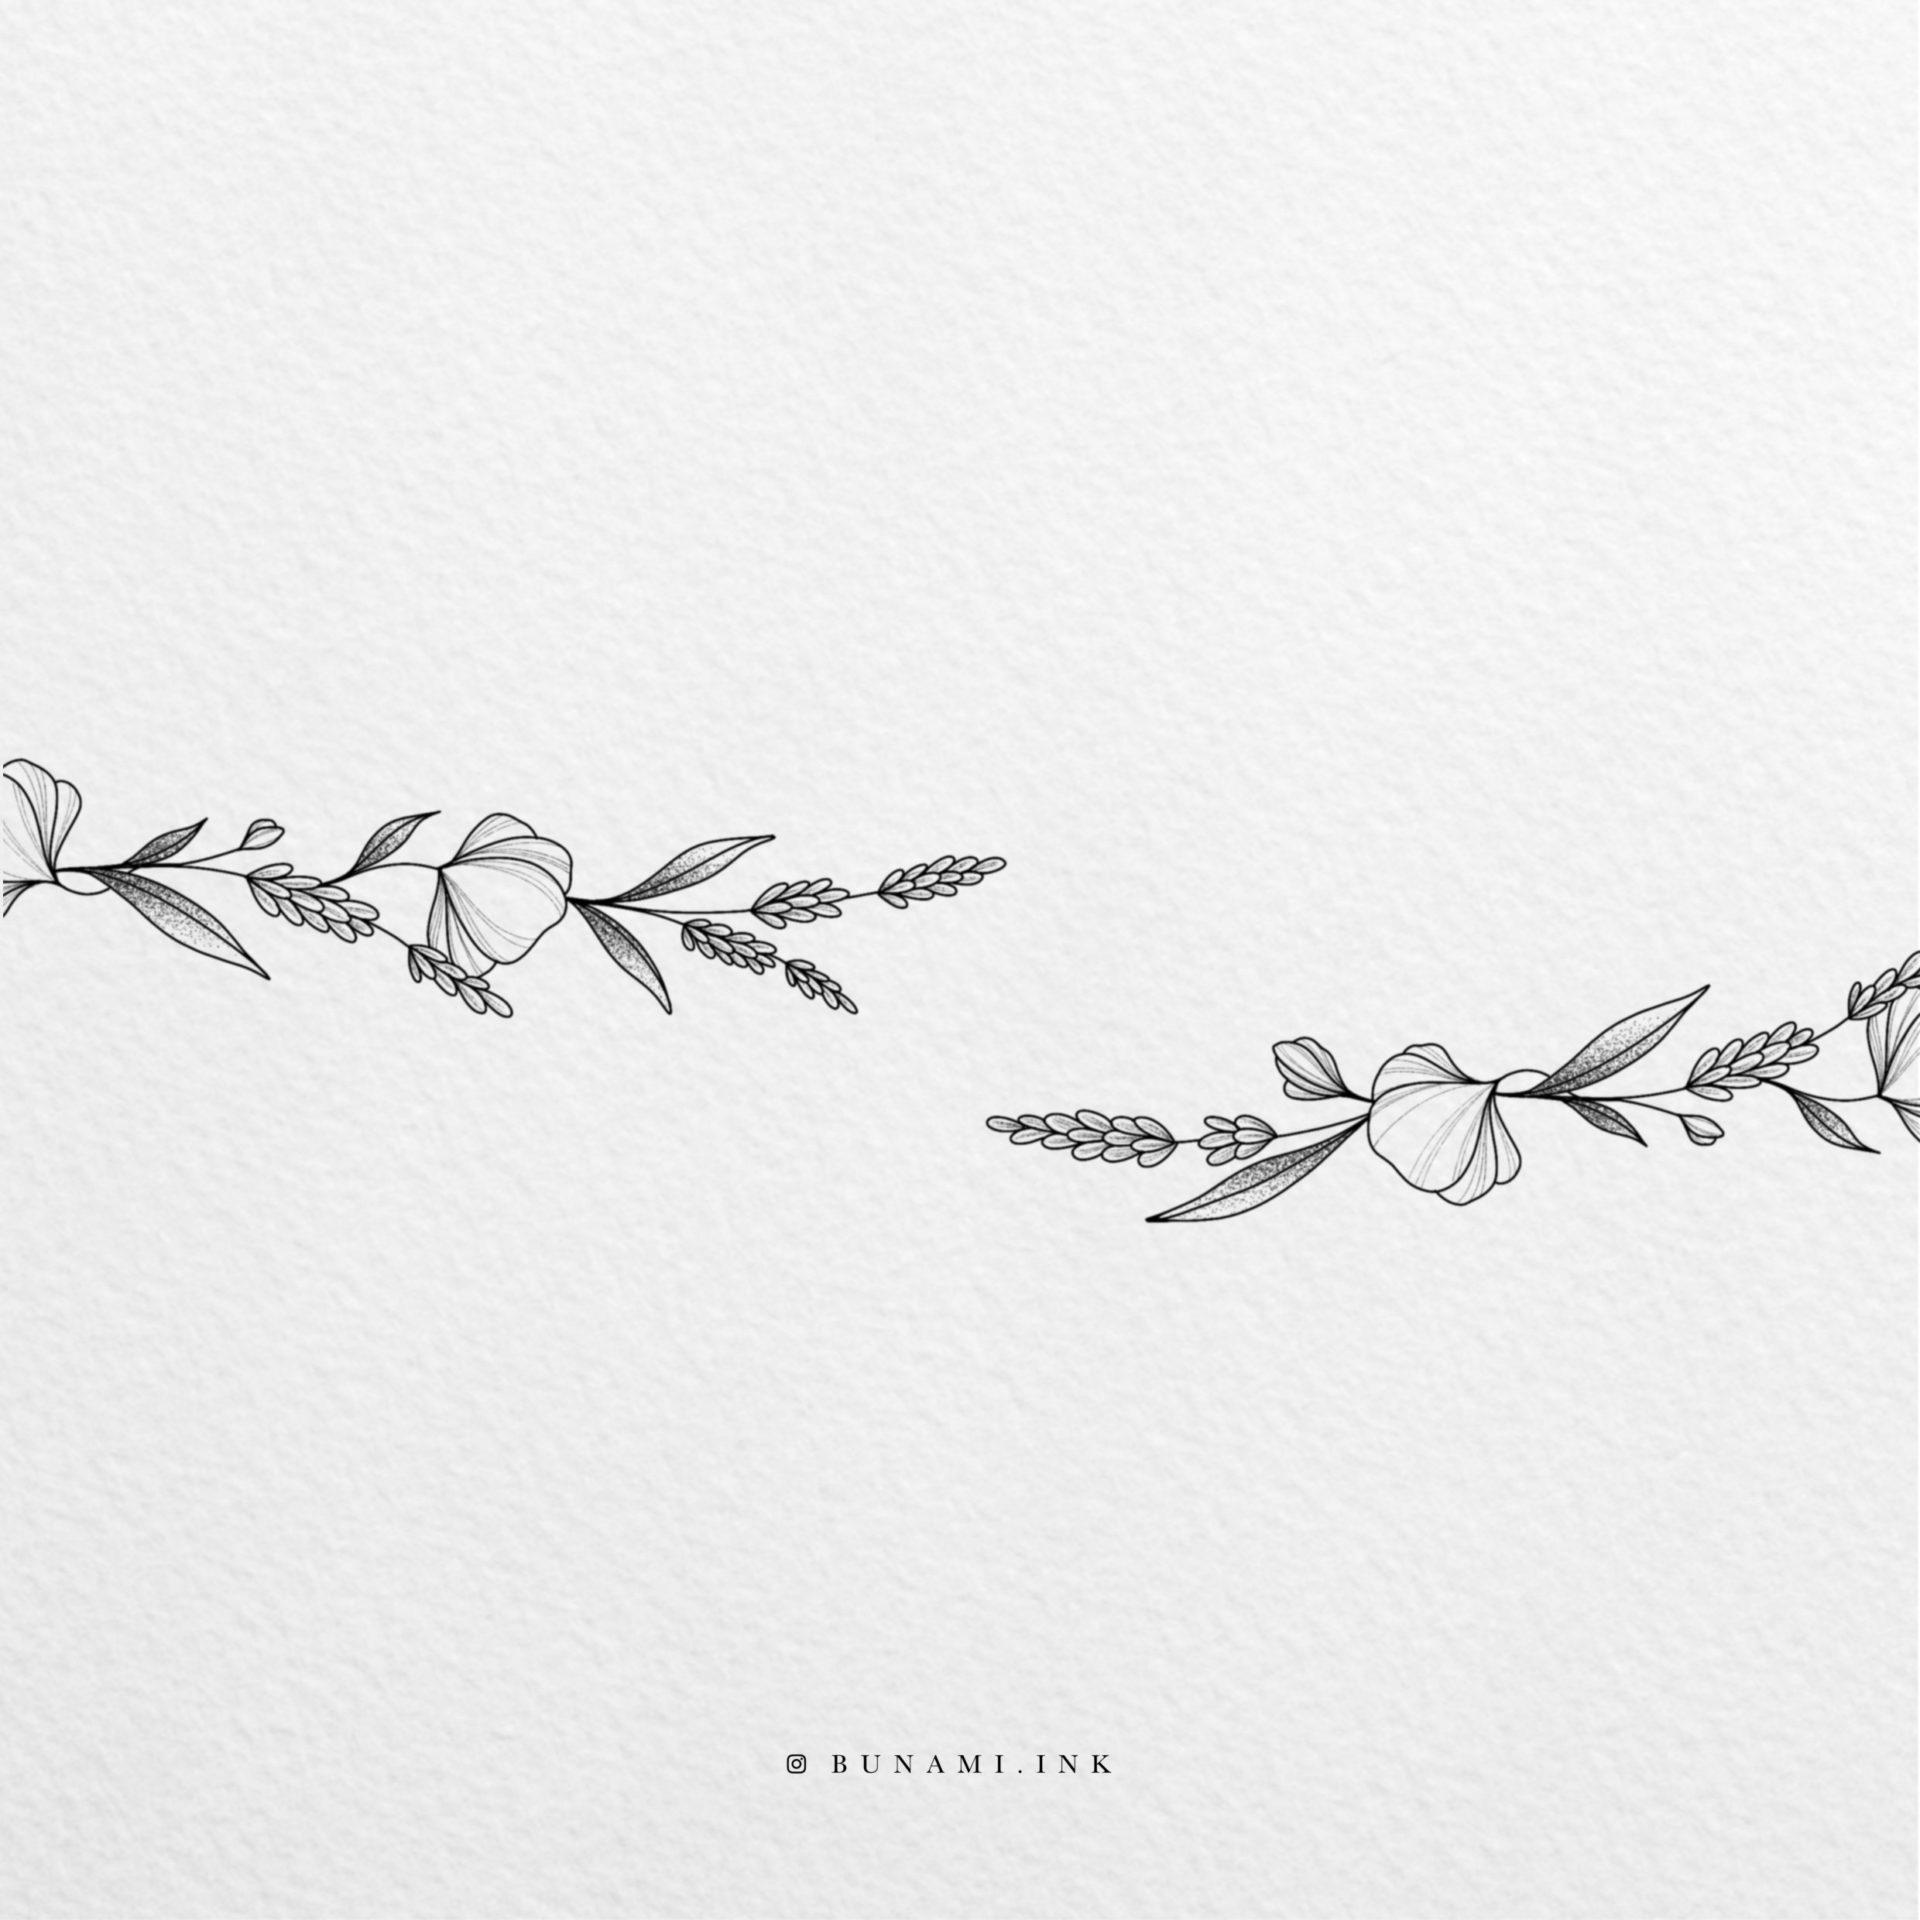 lavender_bracelet_2019-12-13